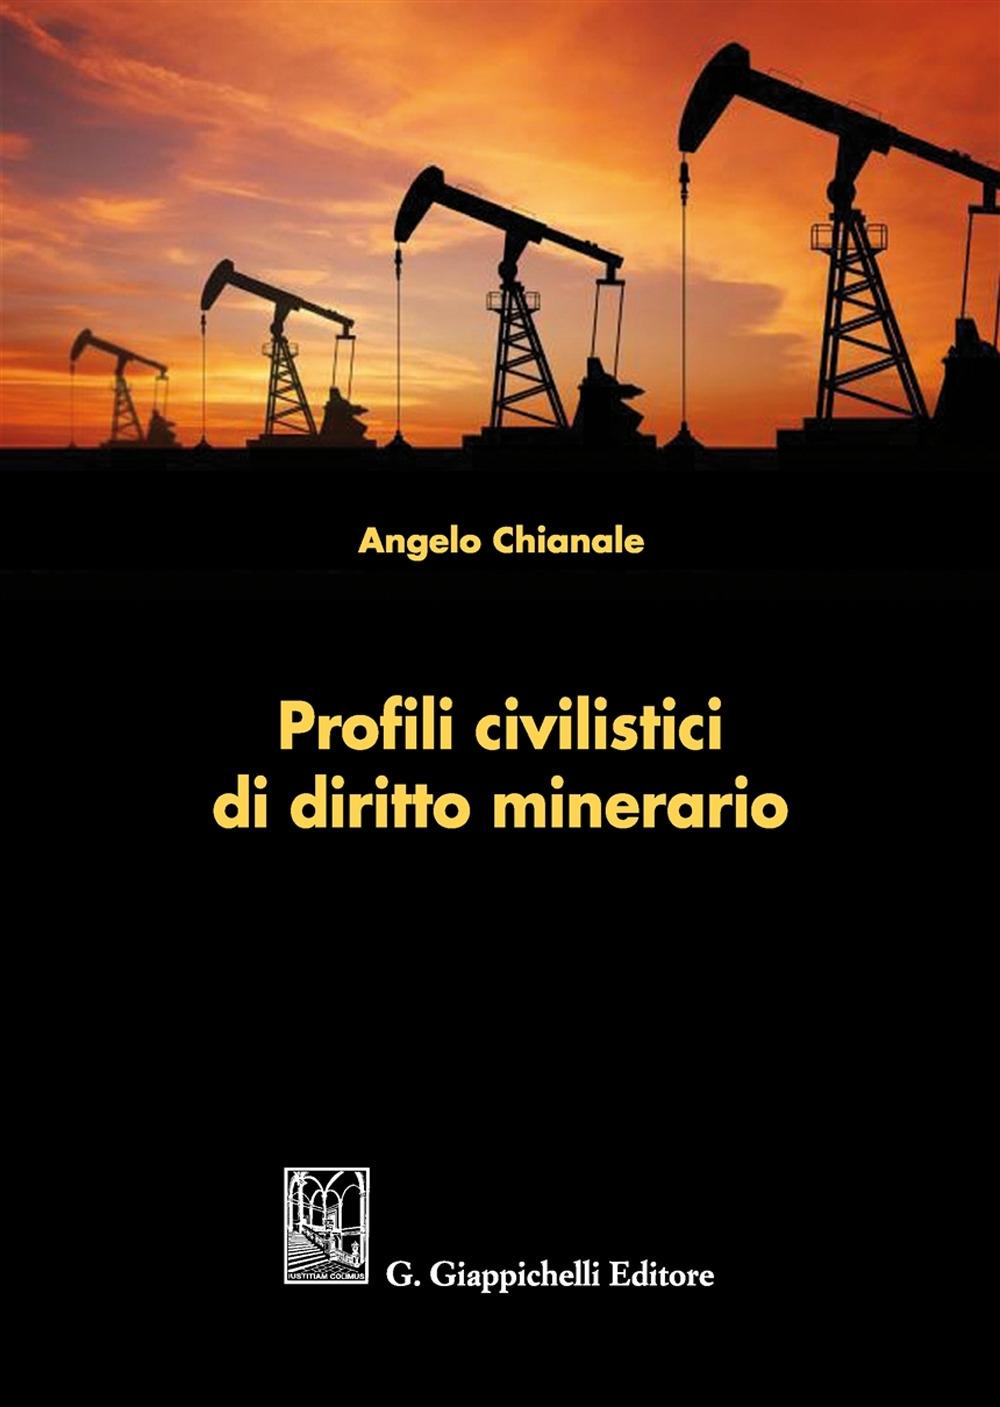 Profili civilistici di diritto minerario